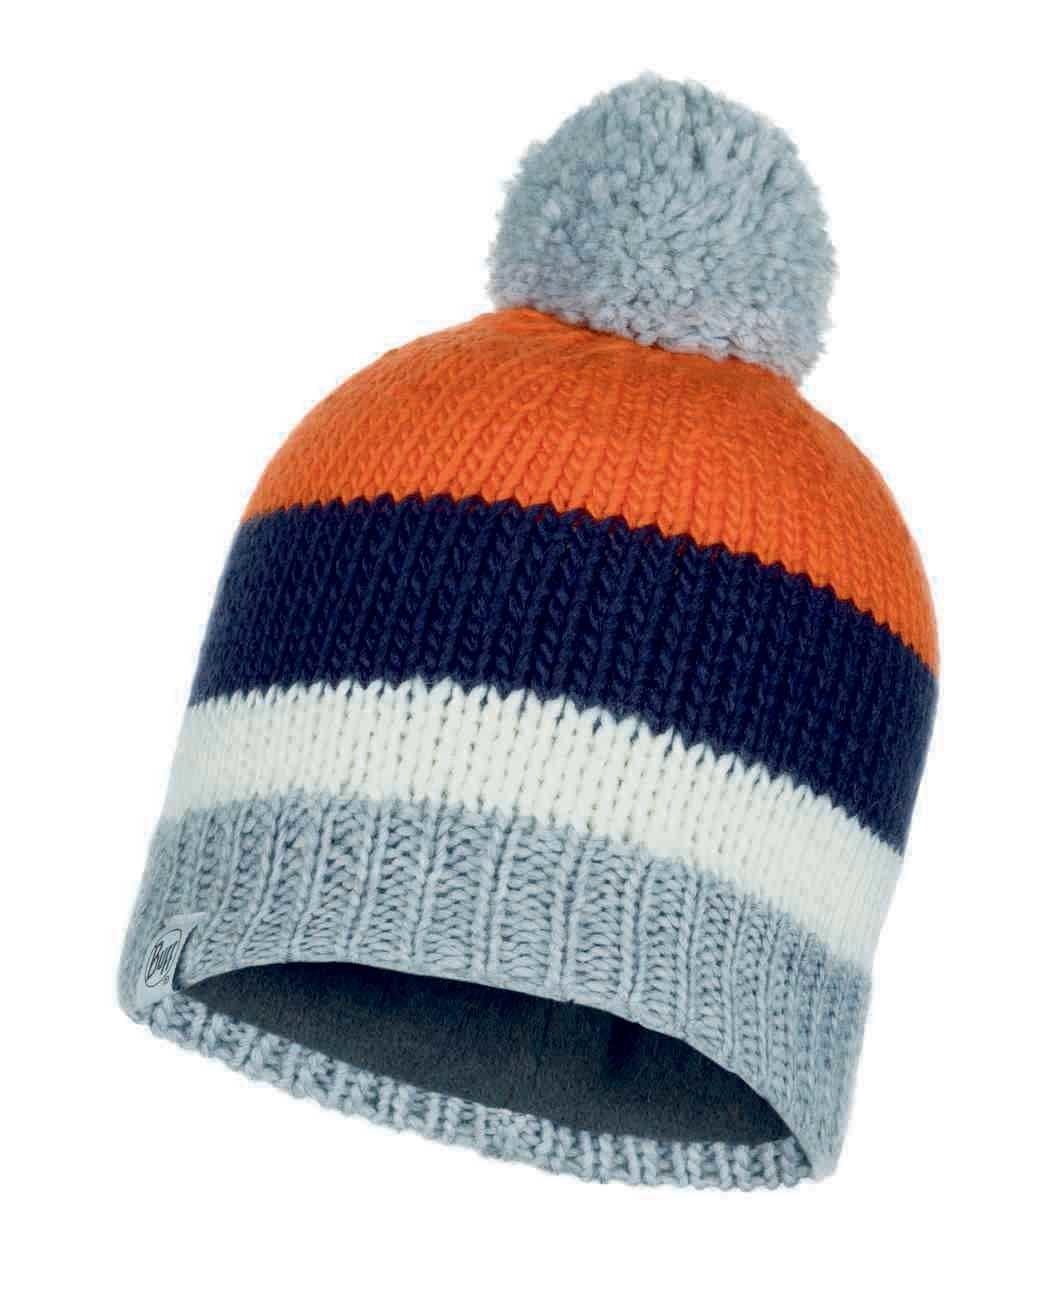 Детские шапки Вязаная шапка с флисовой подкладкой детская Buff Hat Knitted Polar Knut Multi 117842.555.10.00.jpg